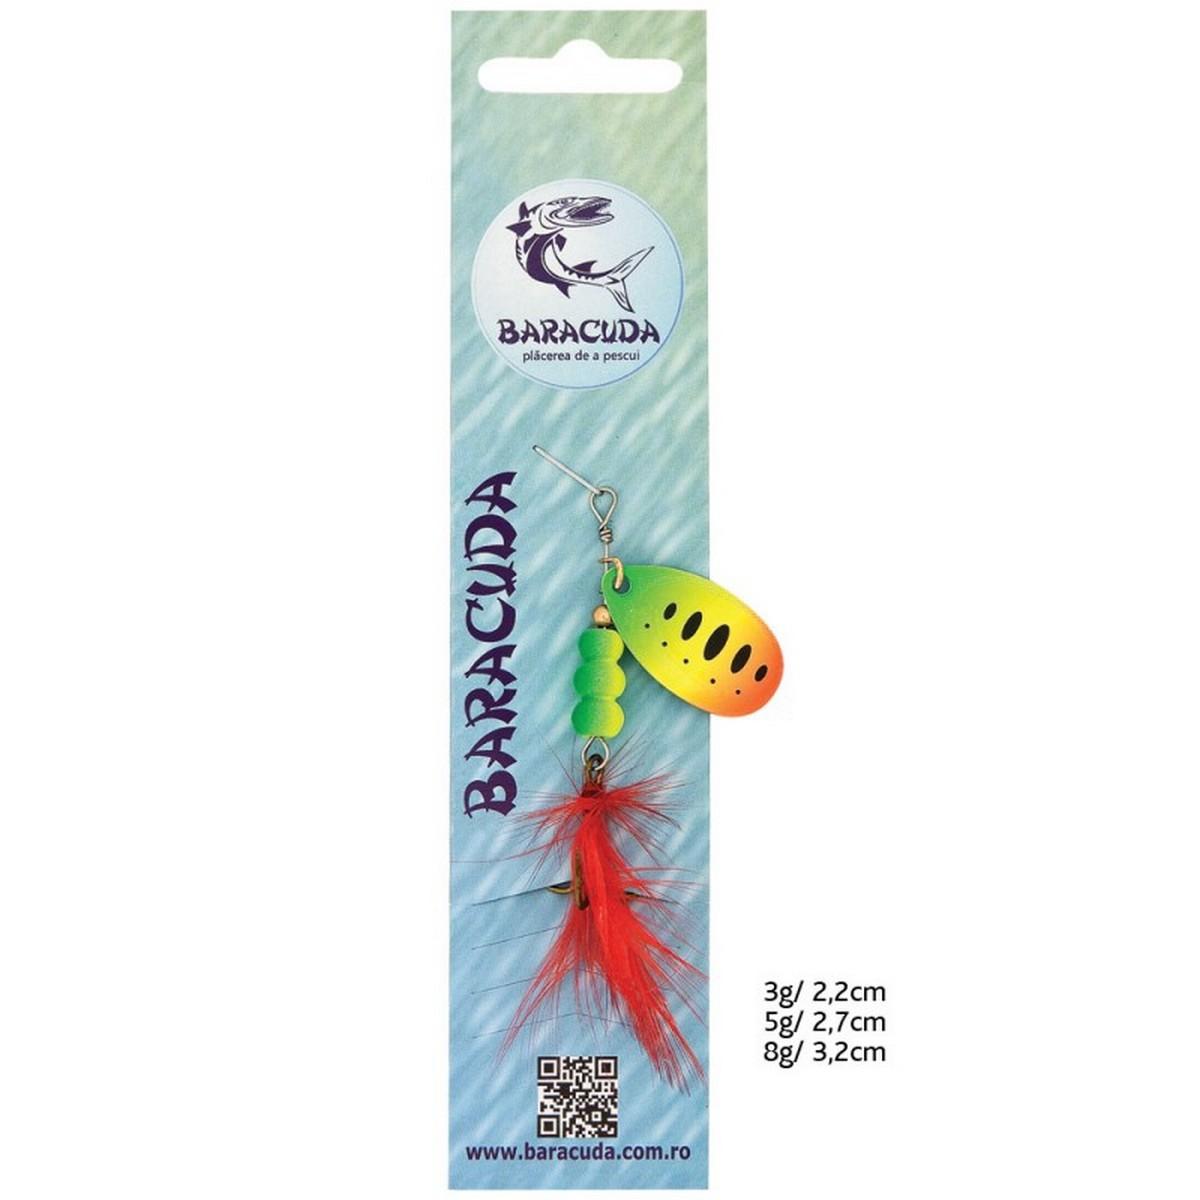 Риболовна блесна Baracuda SF05-28